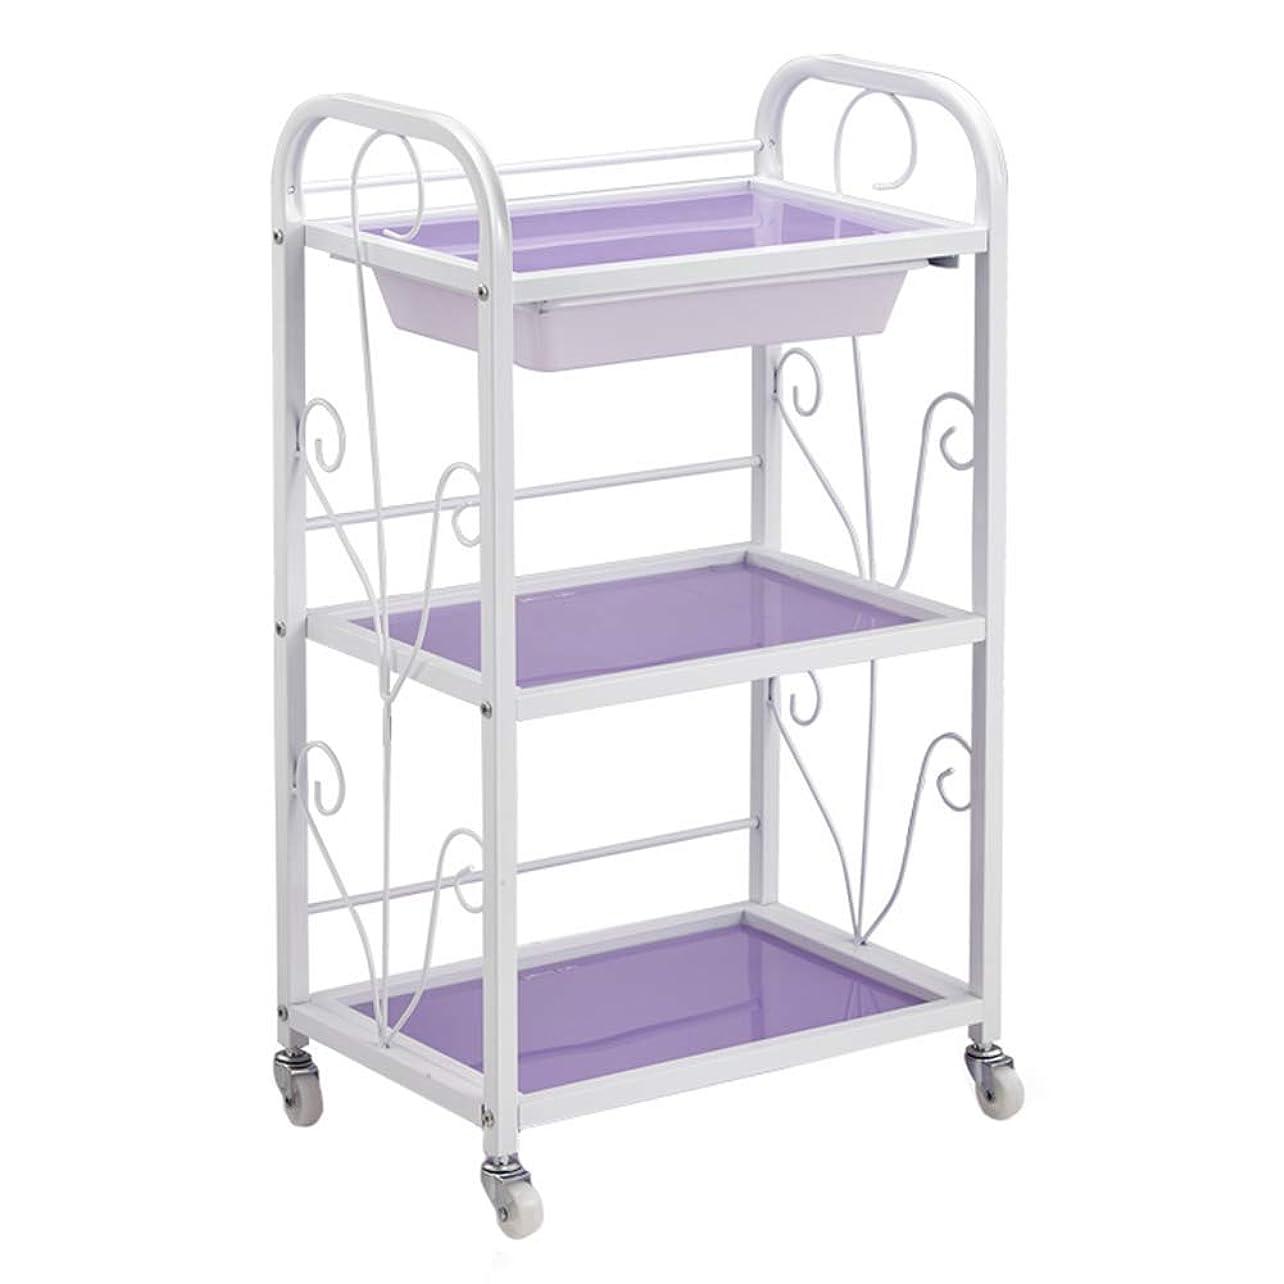 類似性四晩餐ポータブルカート / 3つの棚の金属の美のトロリー白い実用的な引出し、3層の医学のサービングカート-任意4色 (Color : Purple)